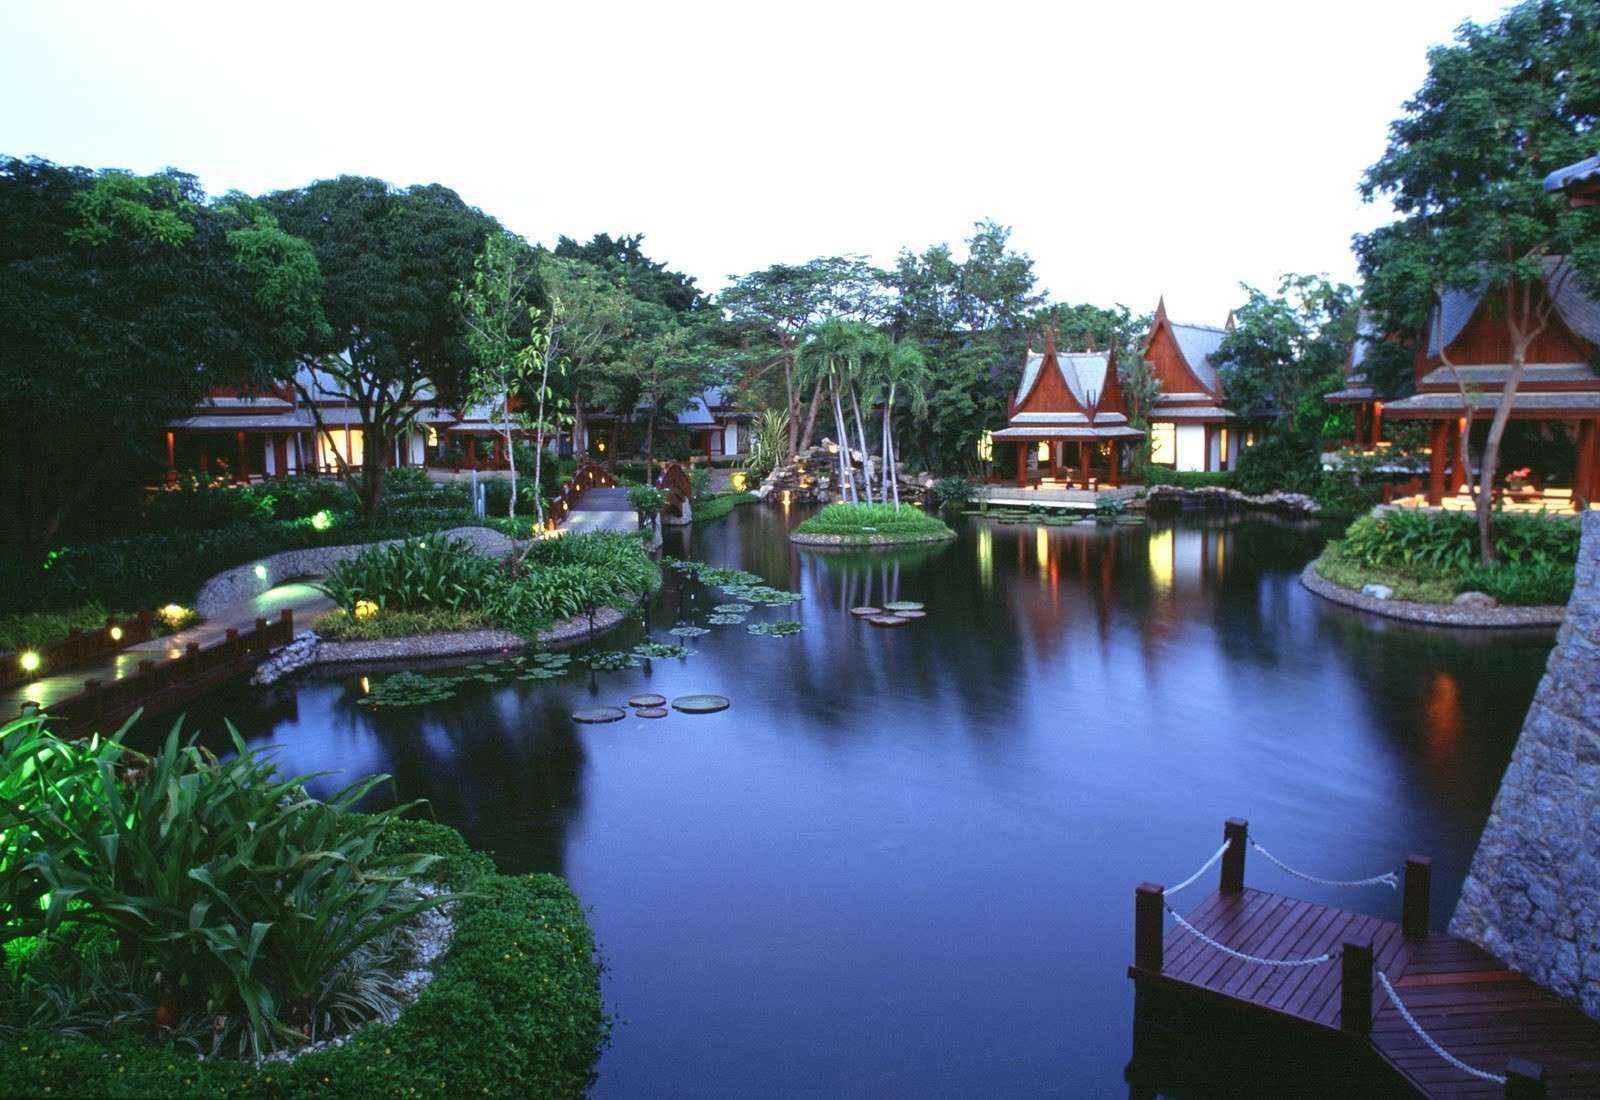 Tour du lịch Khởi hành từ Hồ Chí Minh - Tugo.com.vn